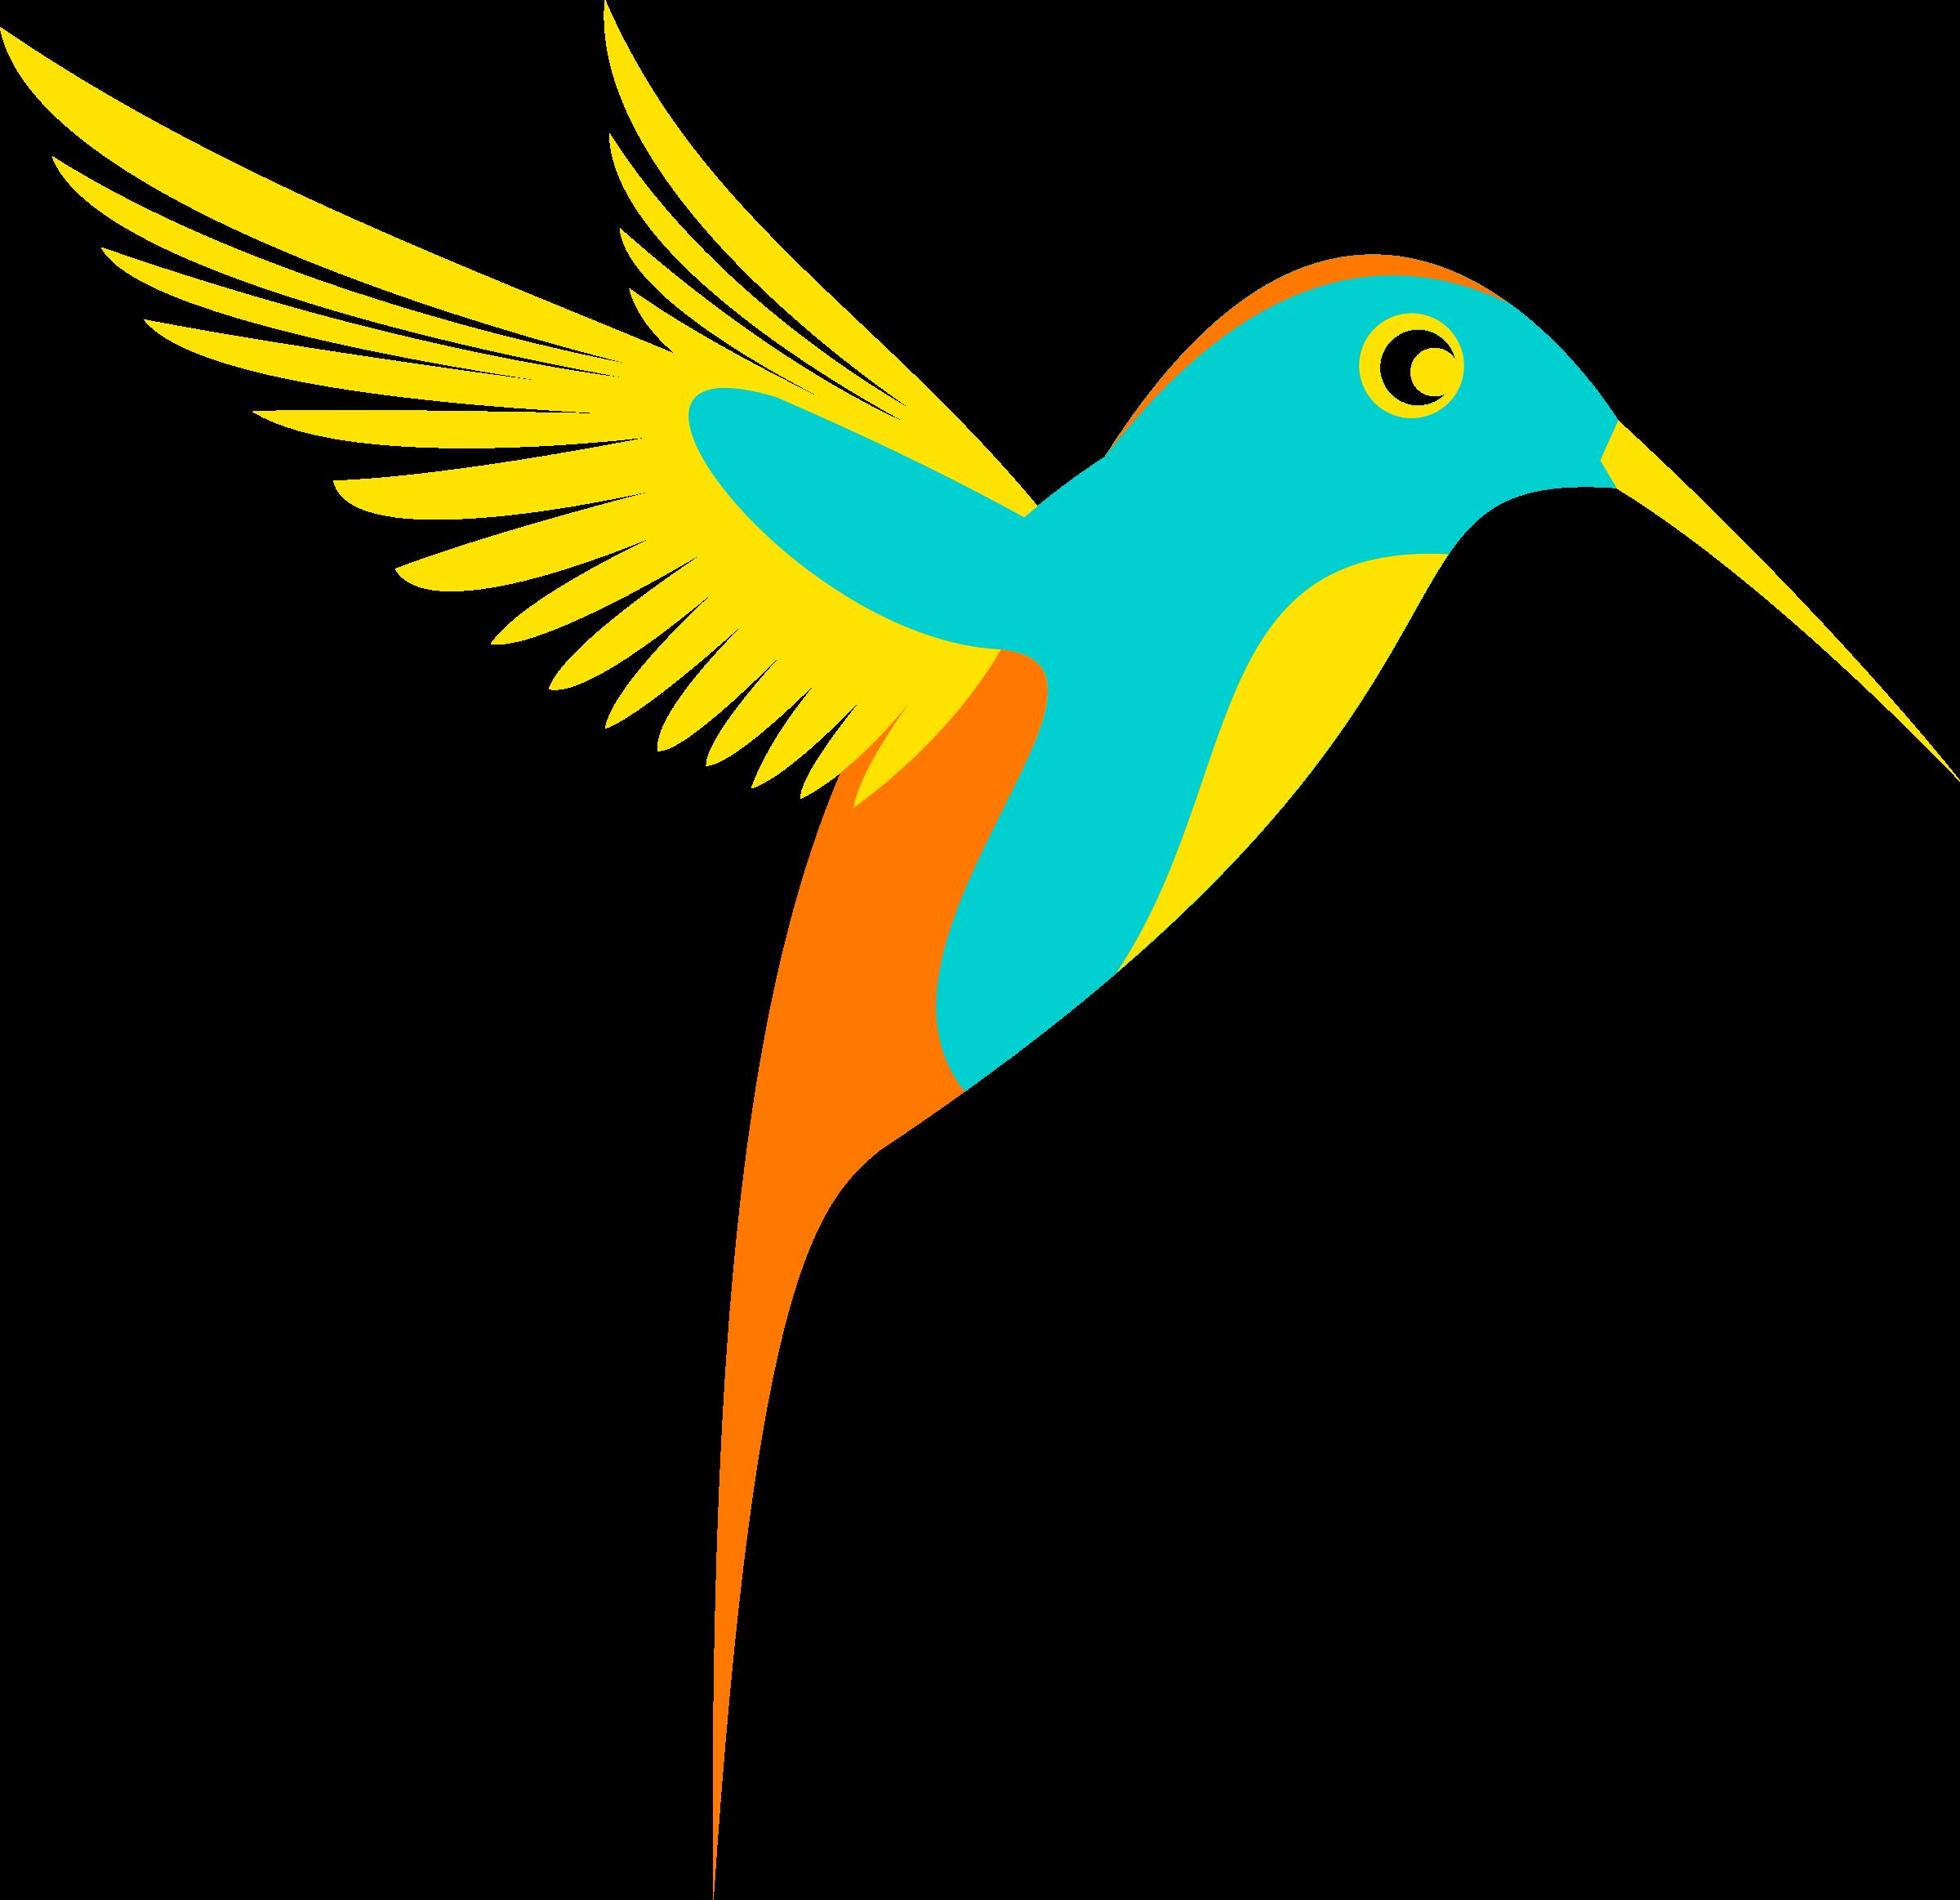 Wing clipart single. Colibri bird colorfull big